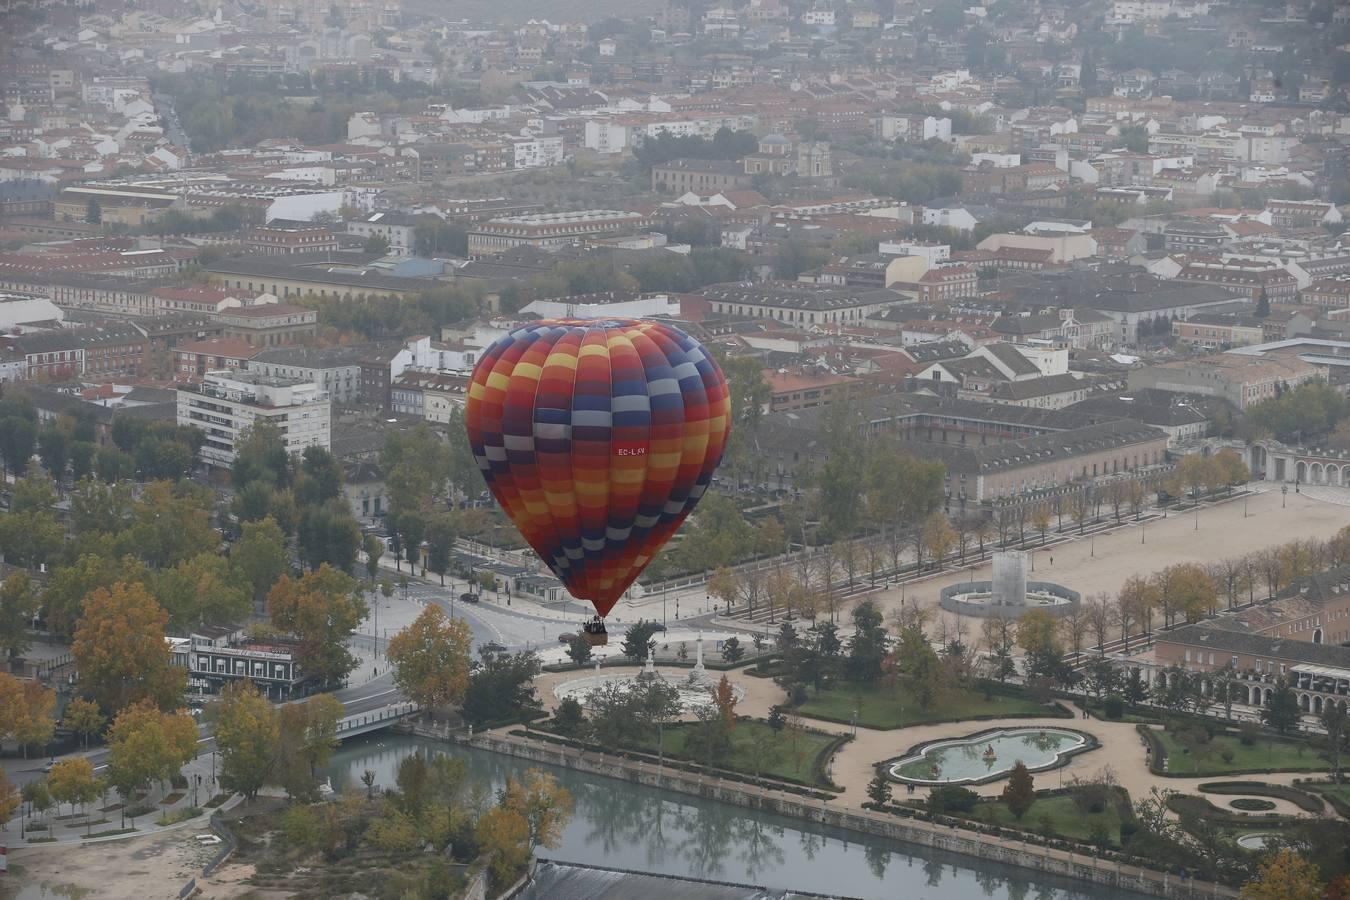 Las mejores imágenes del viaje en globo por Aranjuez